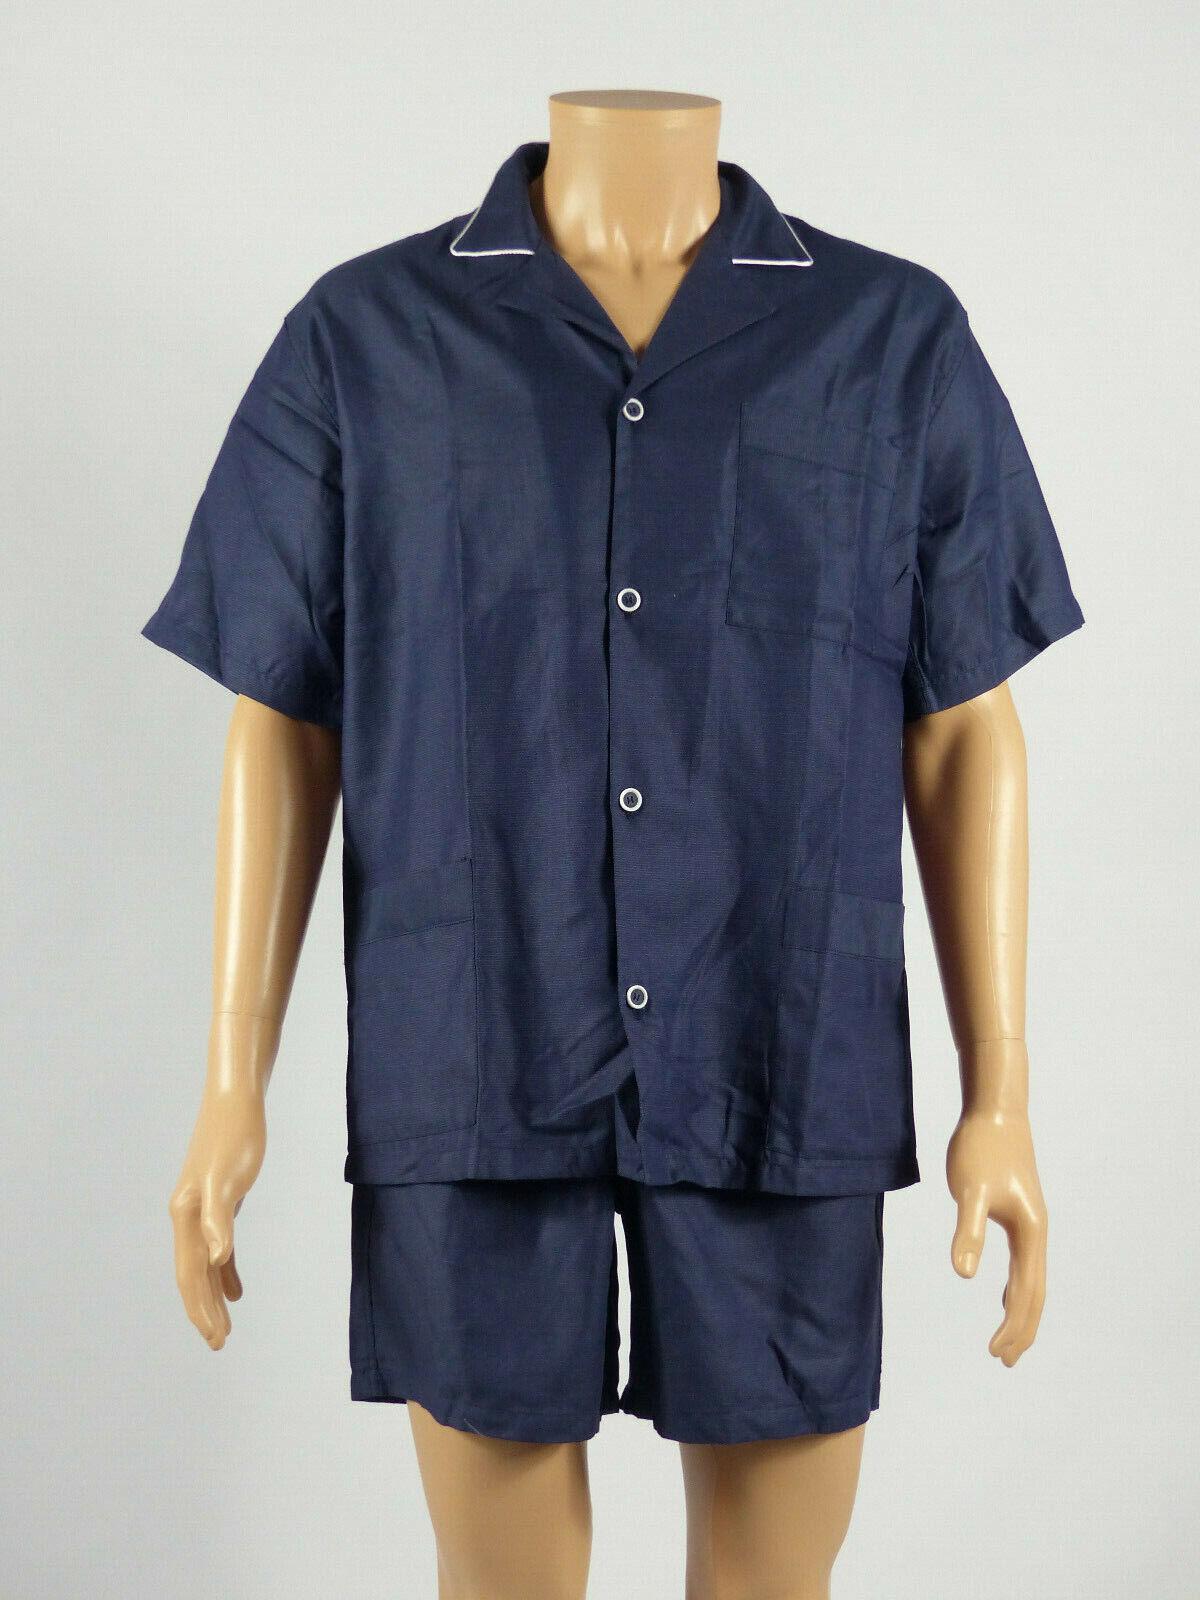 Julipet - Größe L - Herren Pyjamas Luxus Shorts Corto Taip , Farben  Marine